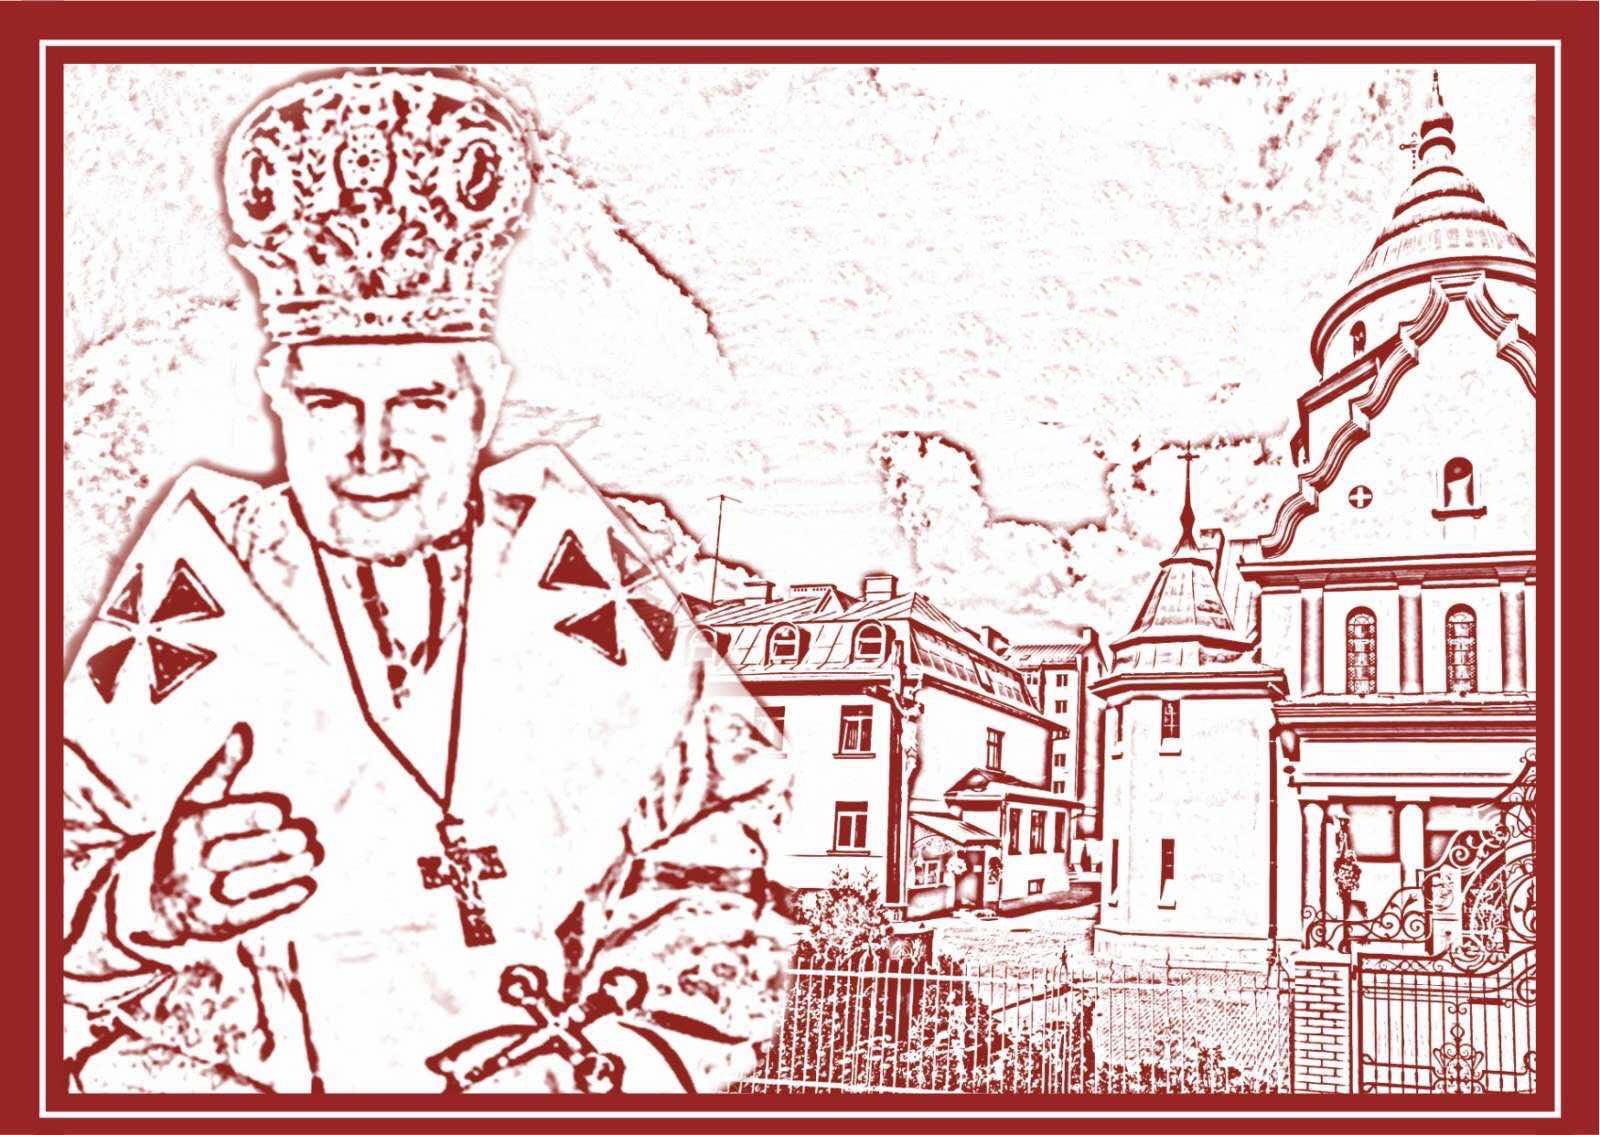 Завтра у Франківську відкриють музей Владики Софрона Дмитерка